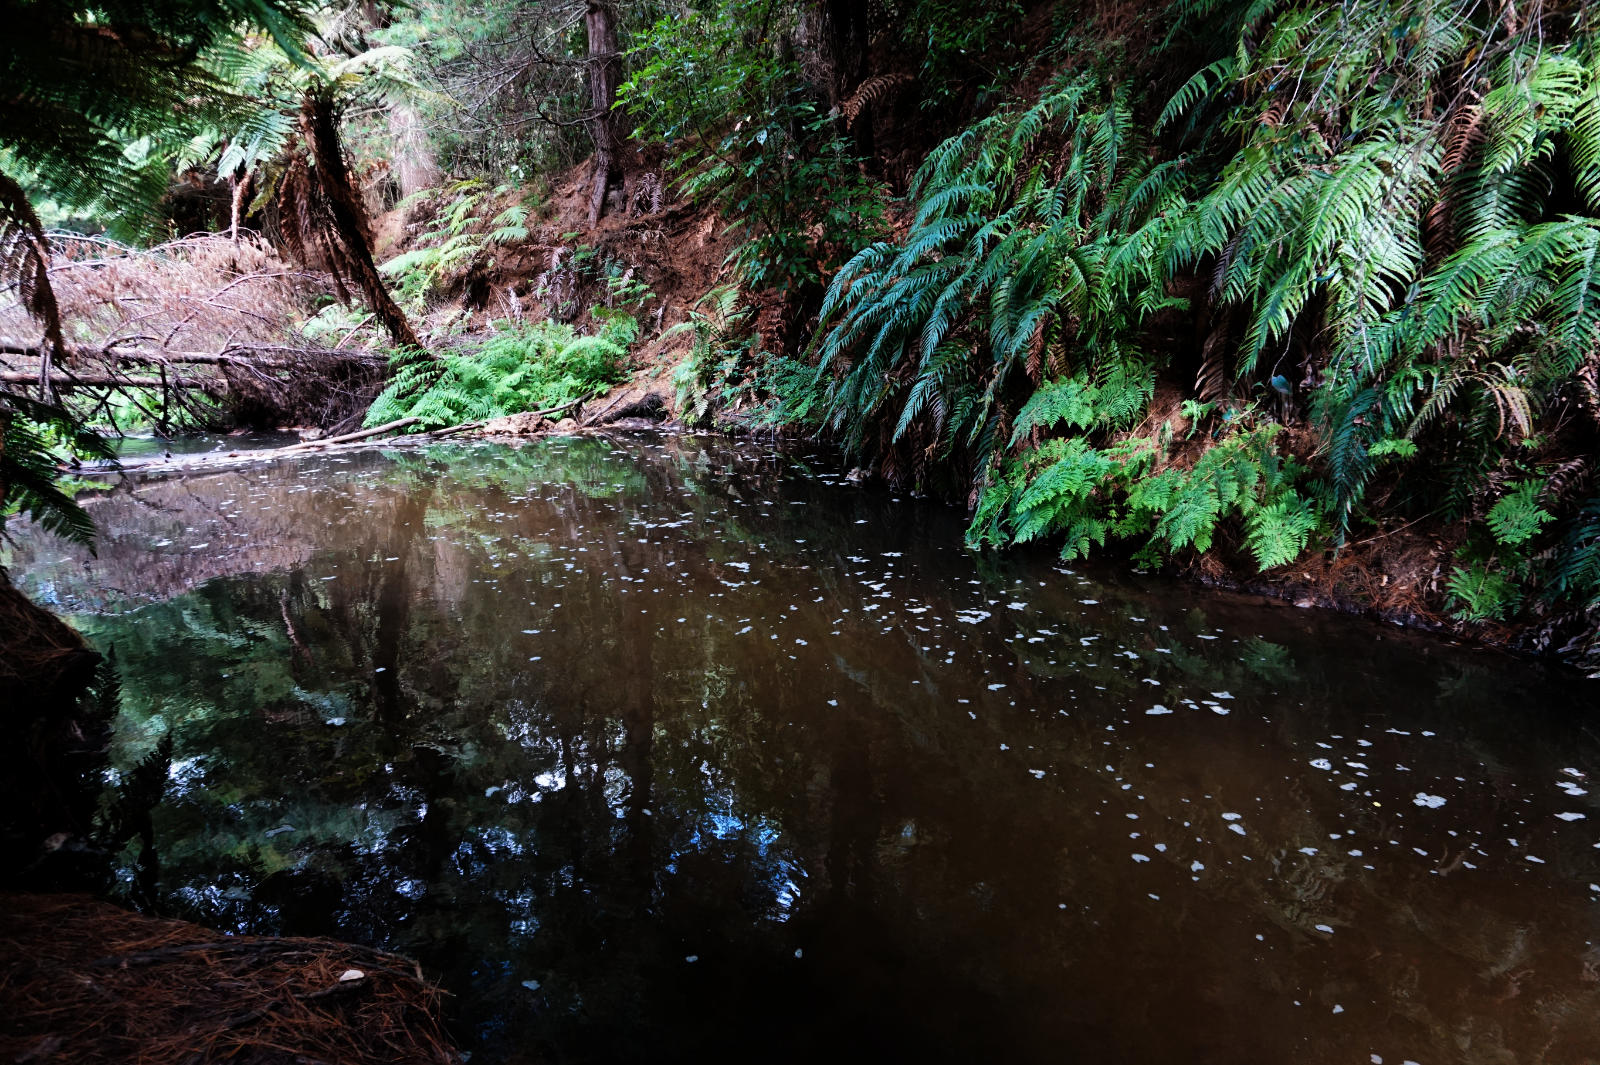 Kerosene Creek, ein geothermaler Fluss